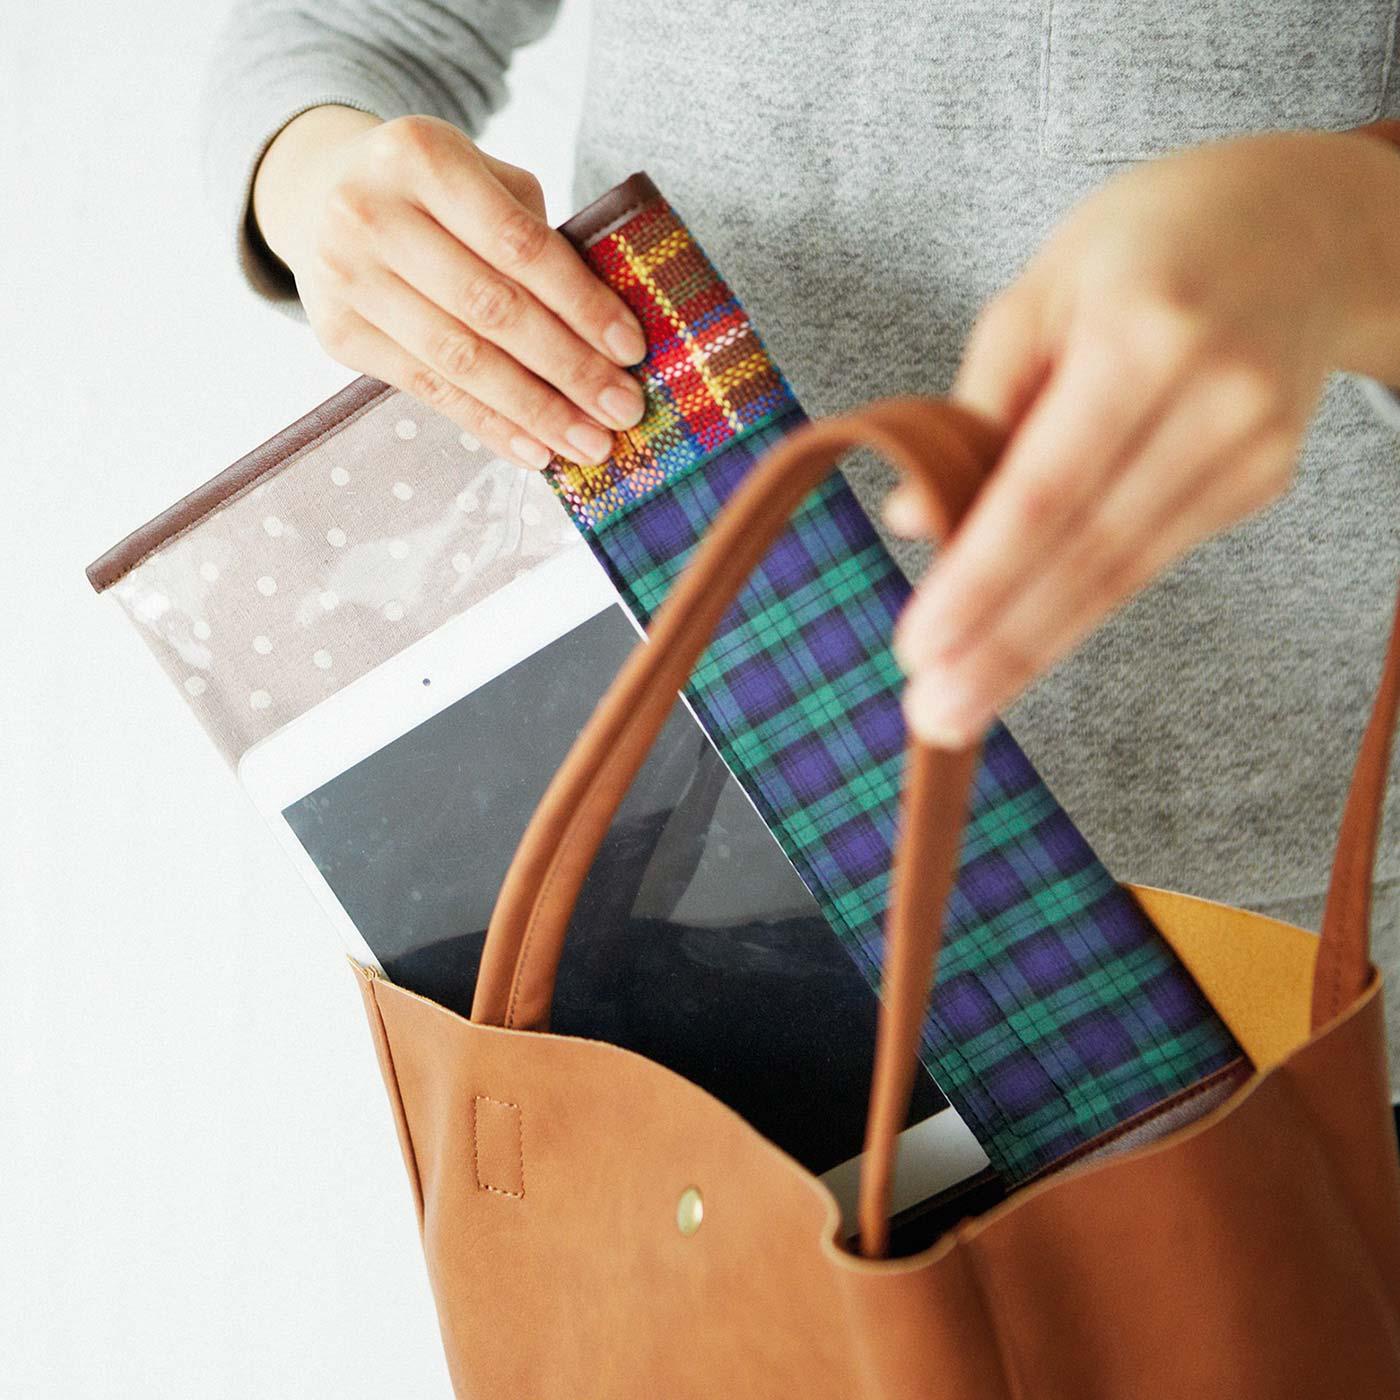 バッグインバッグとして、バッグの中のこまごま小物の整理にも。